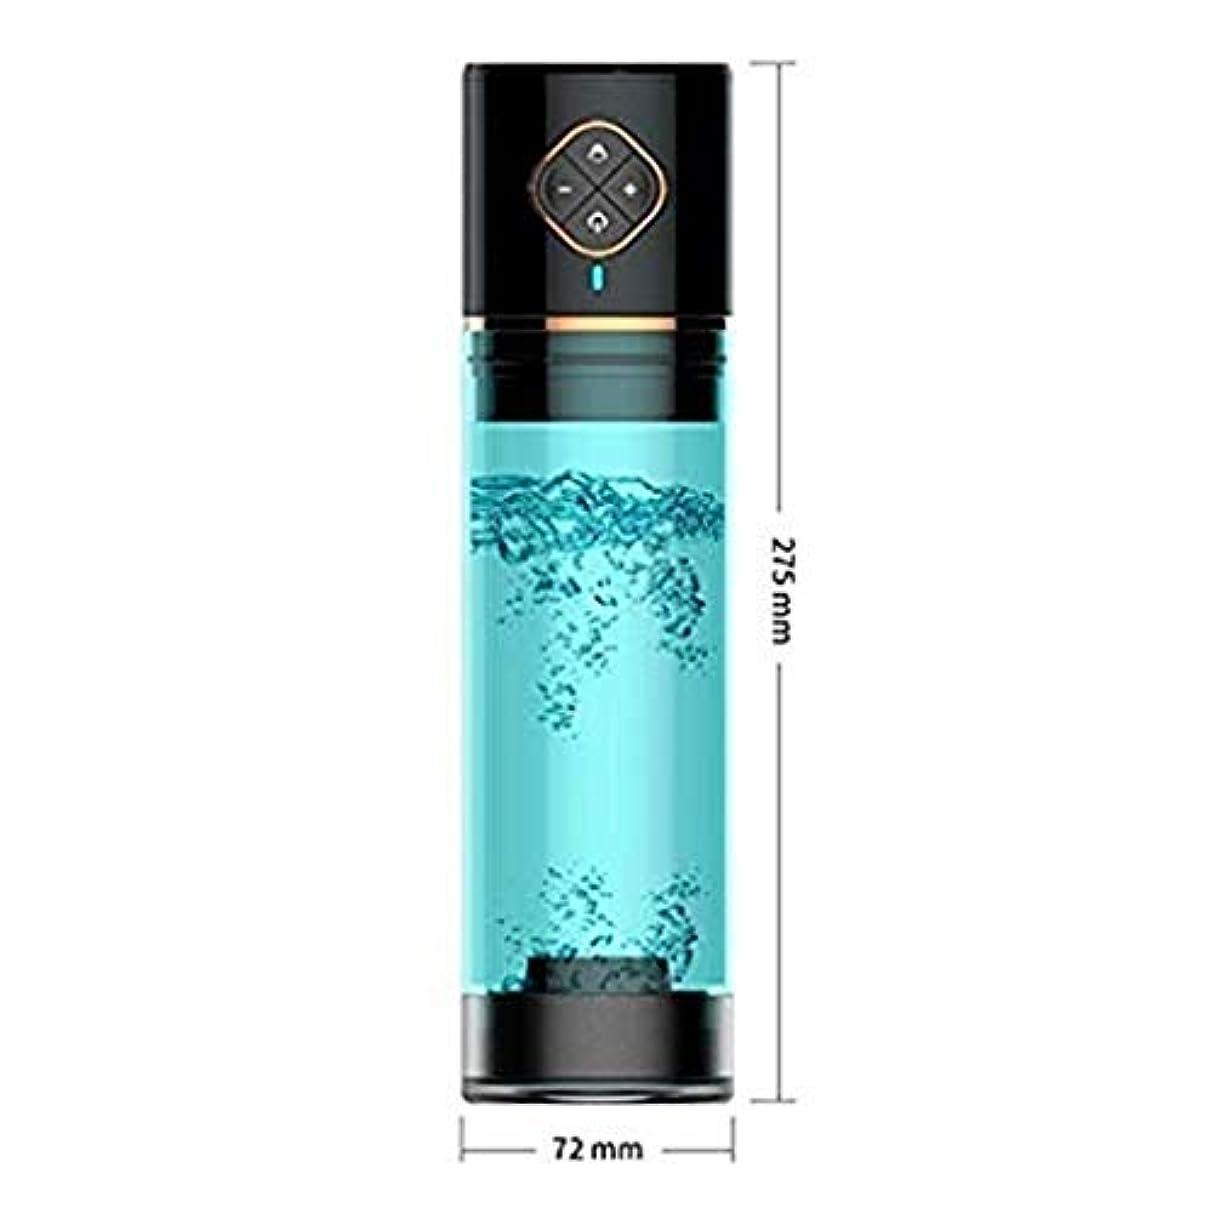 証明先生スコアRisareyi 男性の引き伸ばしポンプ自動空気圧ポンプPenǐsextenderエンハンサー-男性用リラクゼーションデバイス